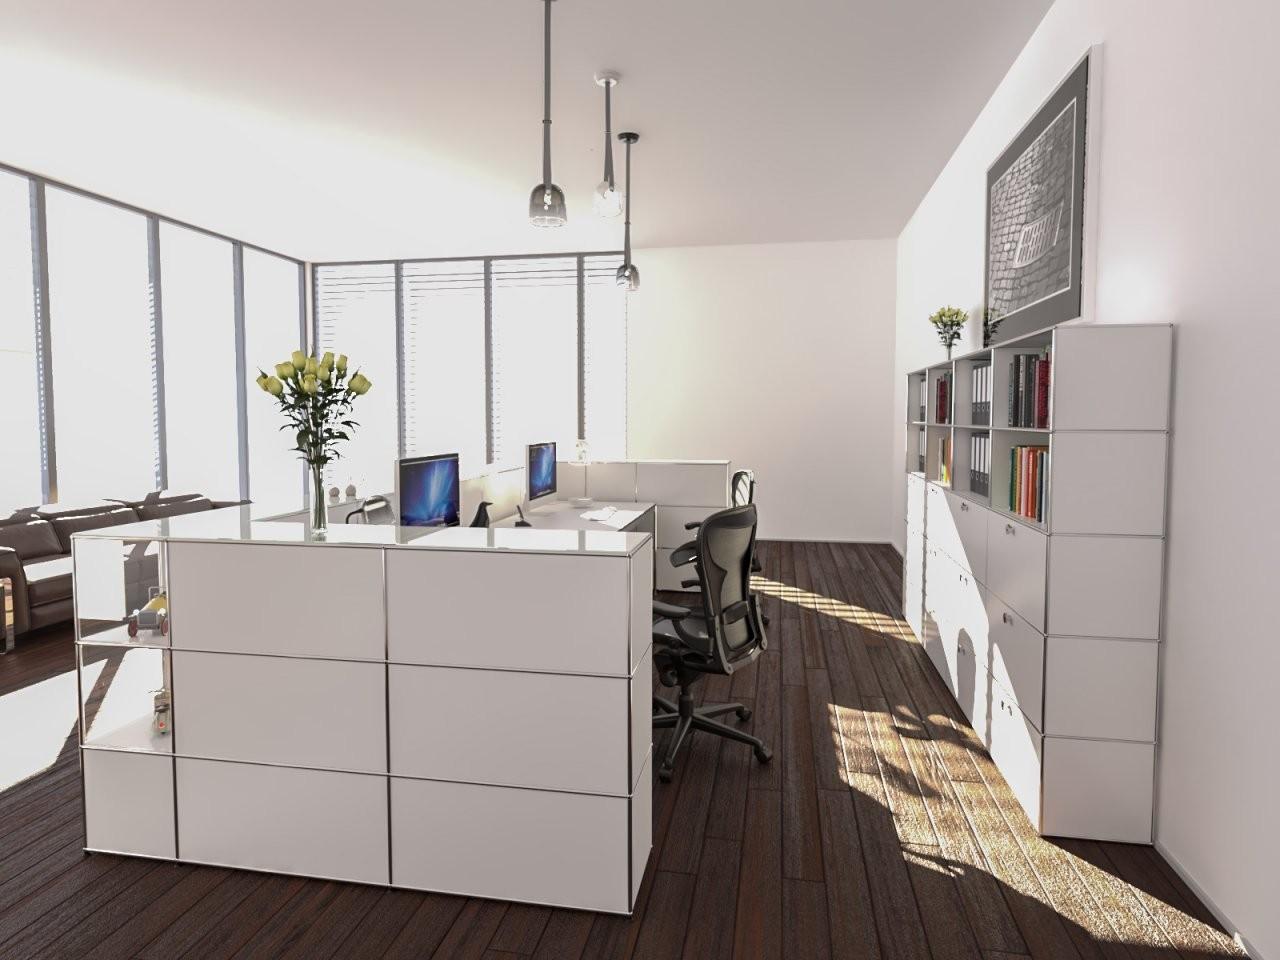 Usm Haller Gebraucht Möbel Online Kaufen  Usmmarkt von Usm Haller Gebraucht Kaufen Bild